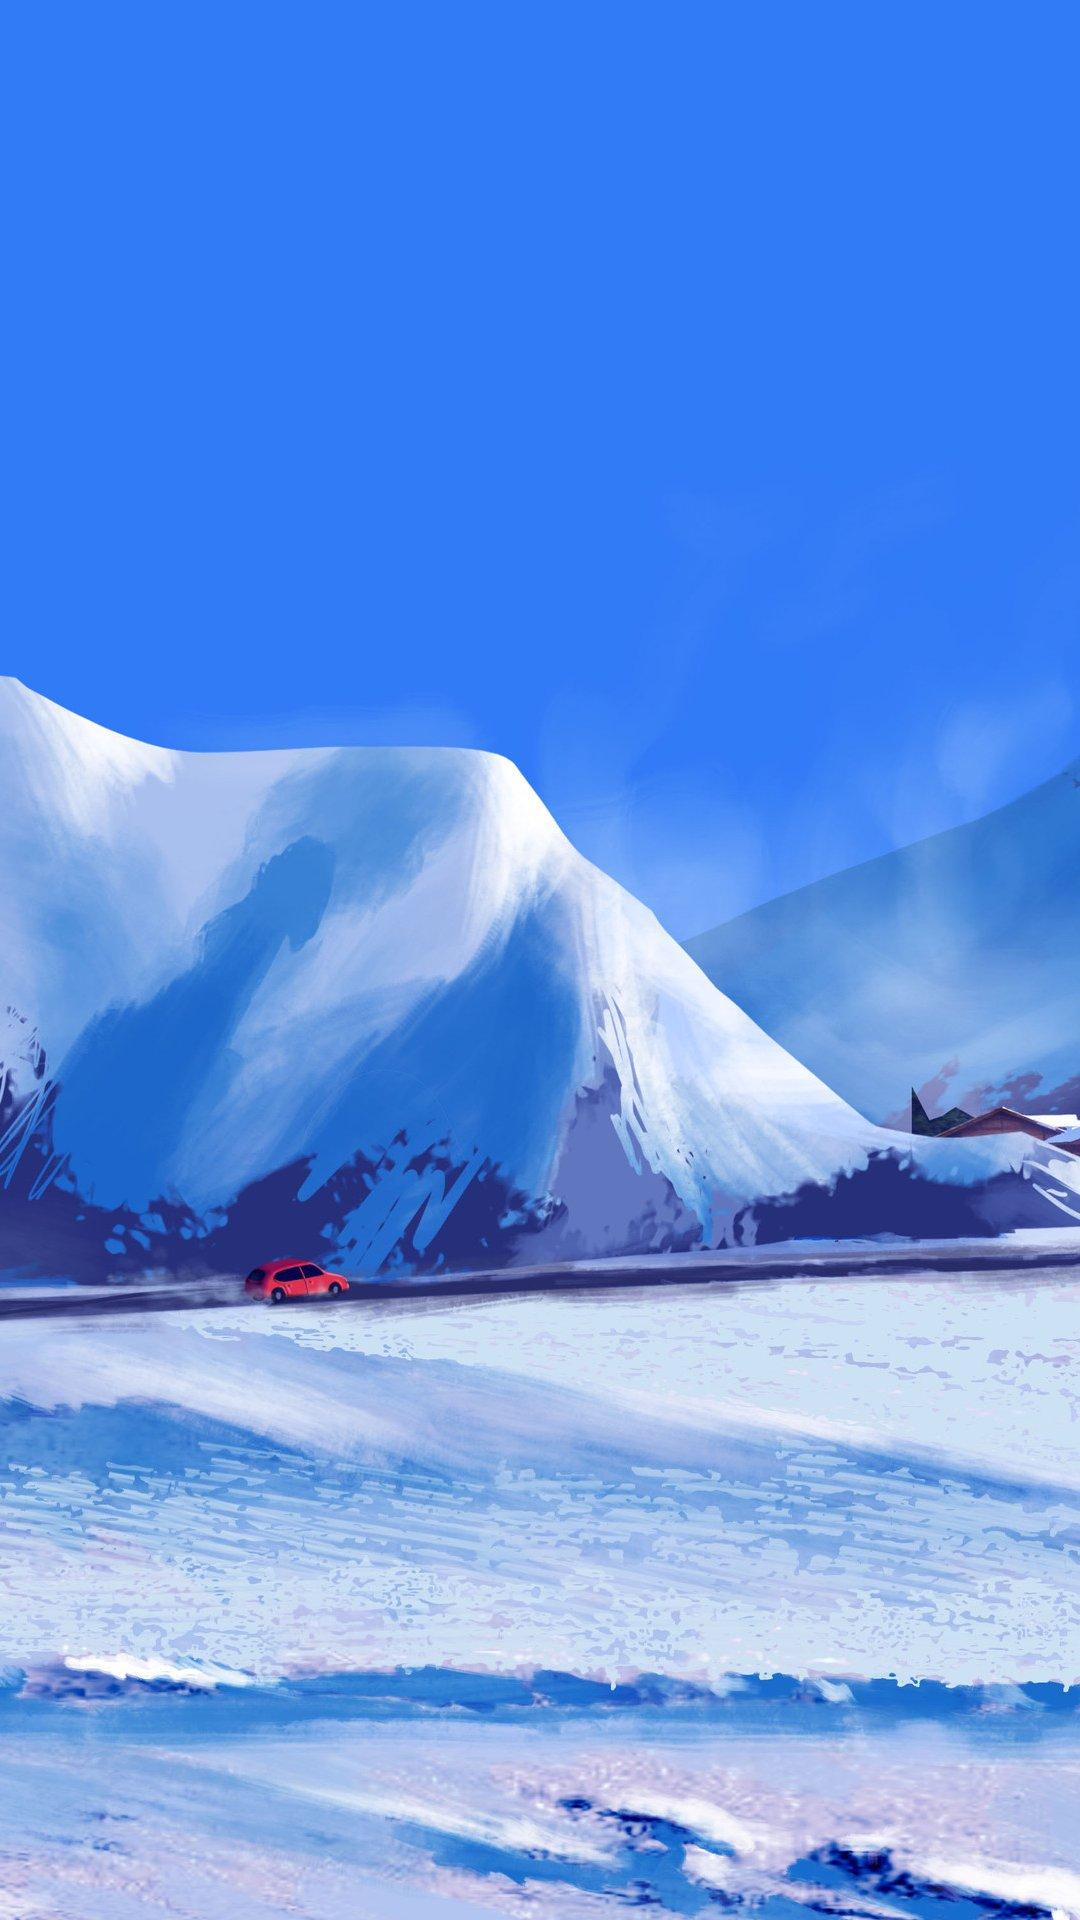 Fondos de pantalla Viaje de invierno Vertical